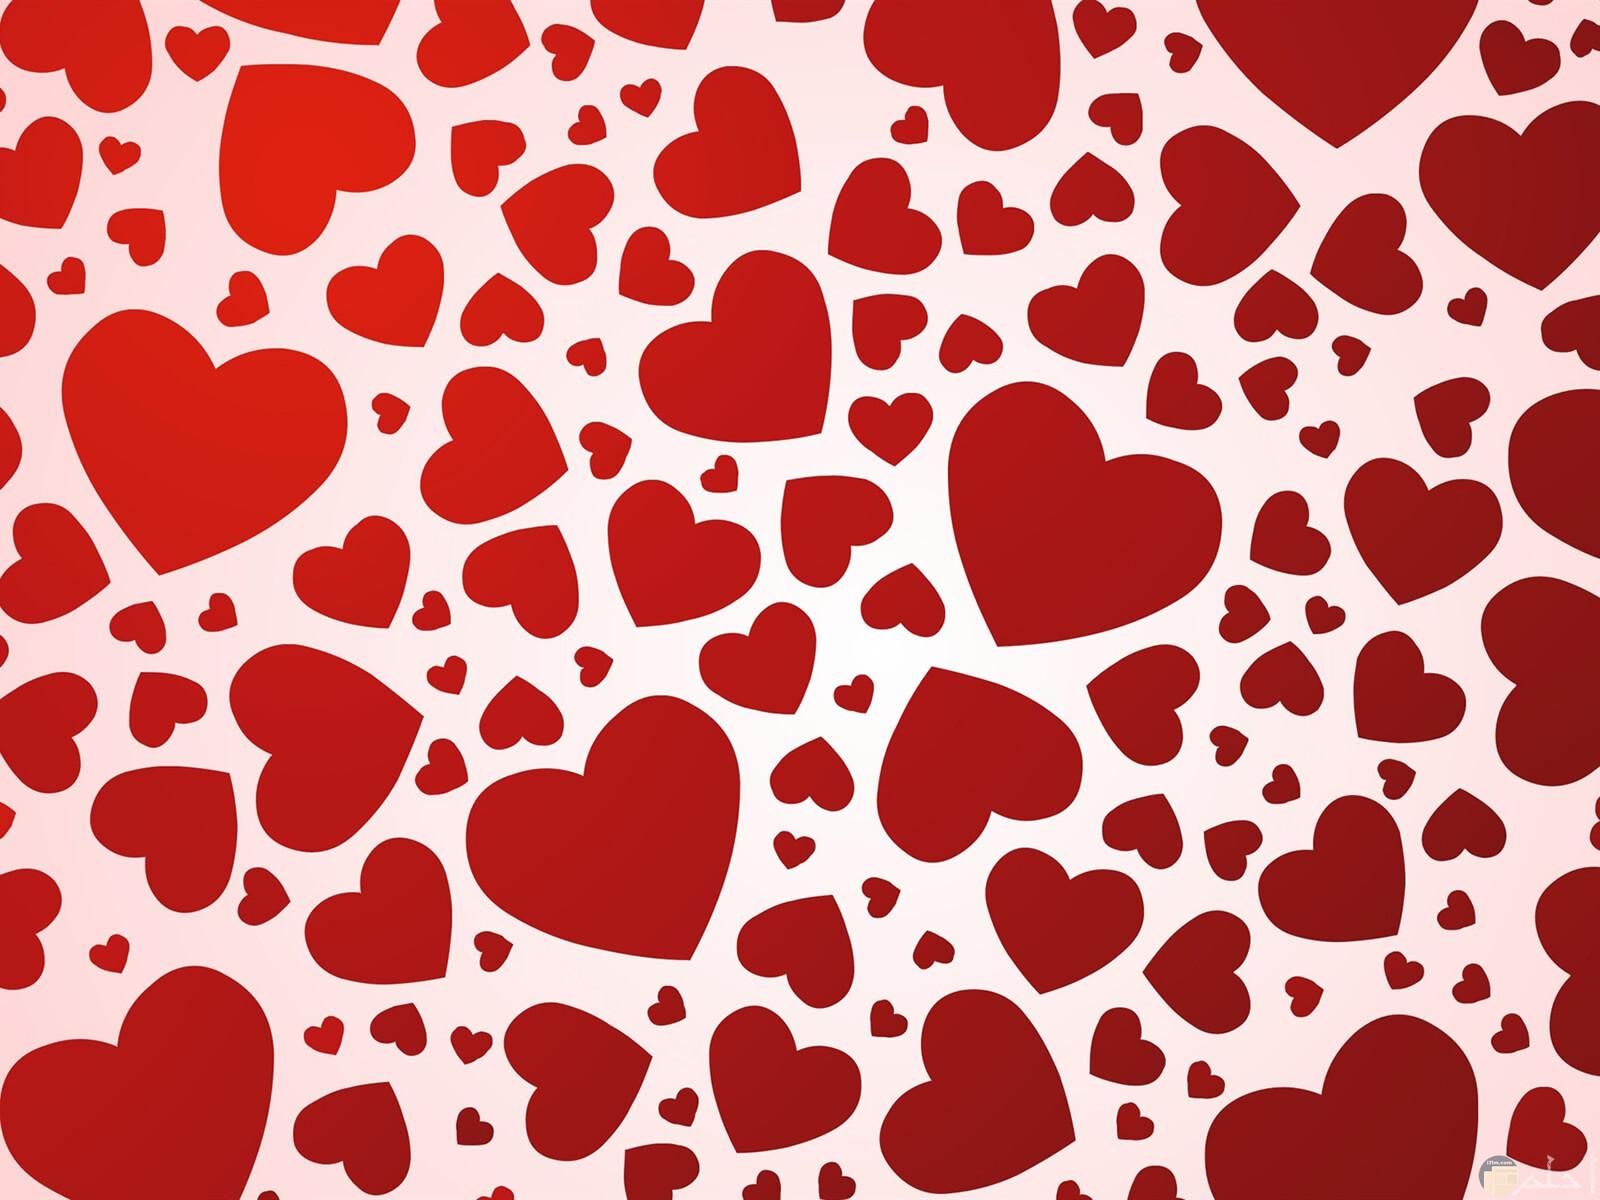 قلوب حمراء كثيرة